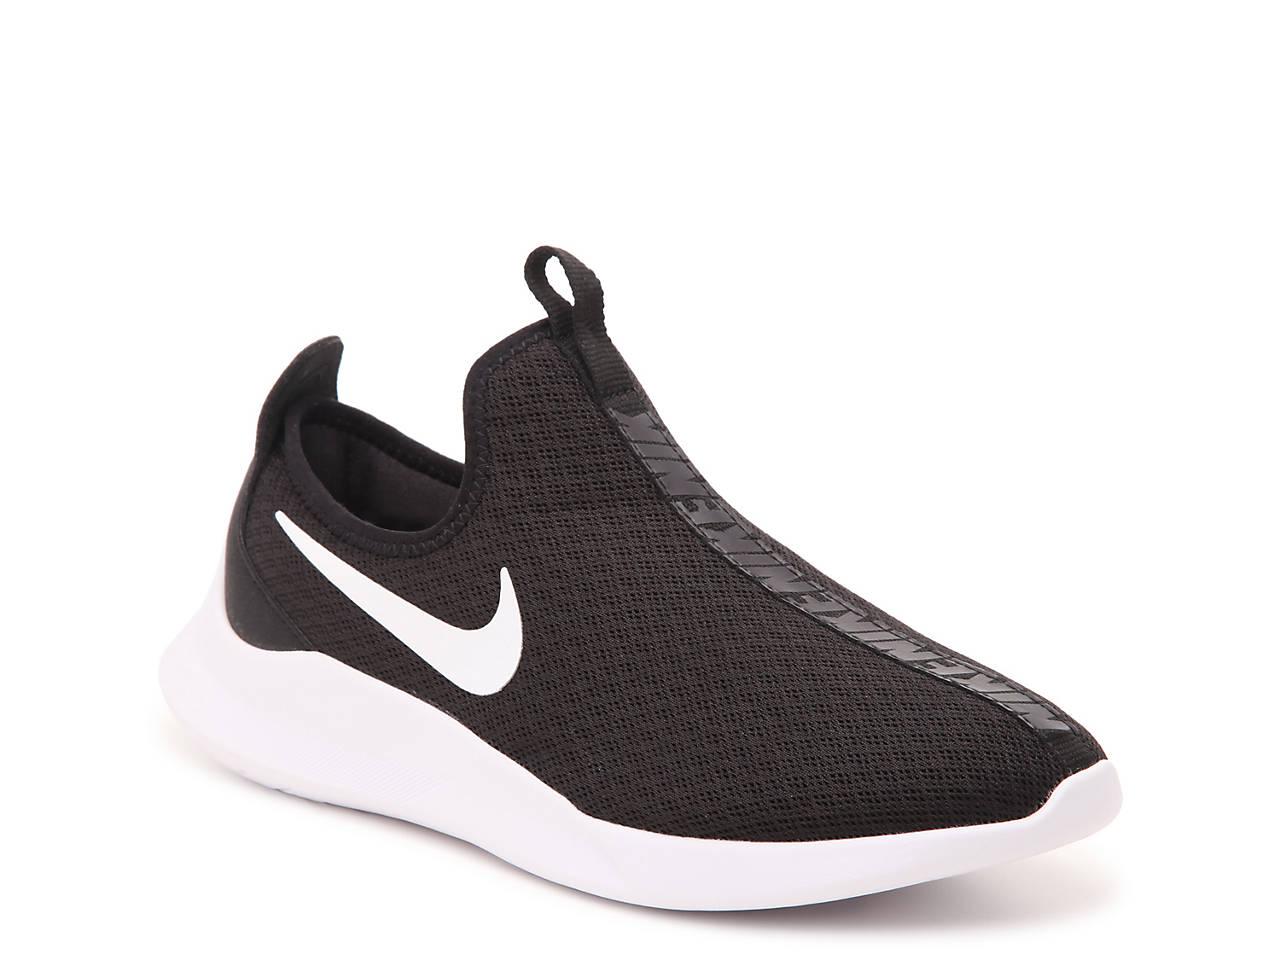 conseguir baratas 100% autenticado encanto de costo Nike Viale Slip-On Sneaker Women's Shoes | DSW